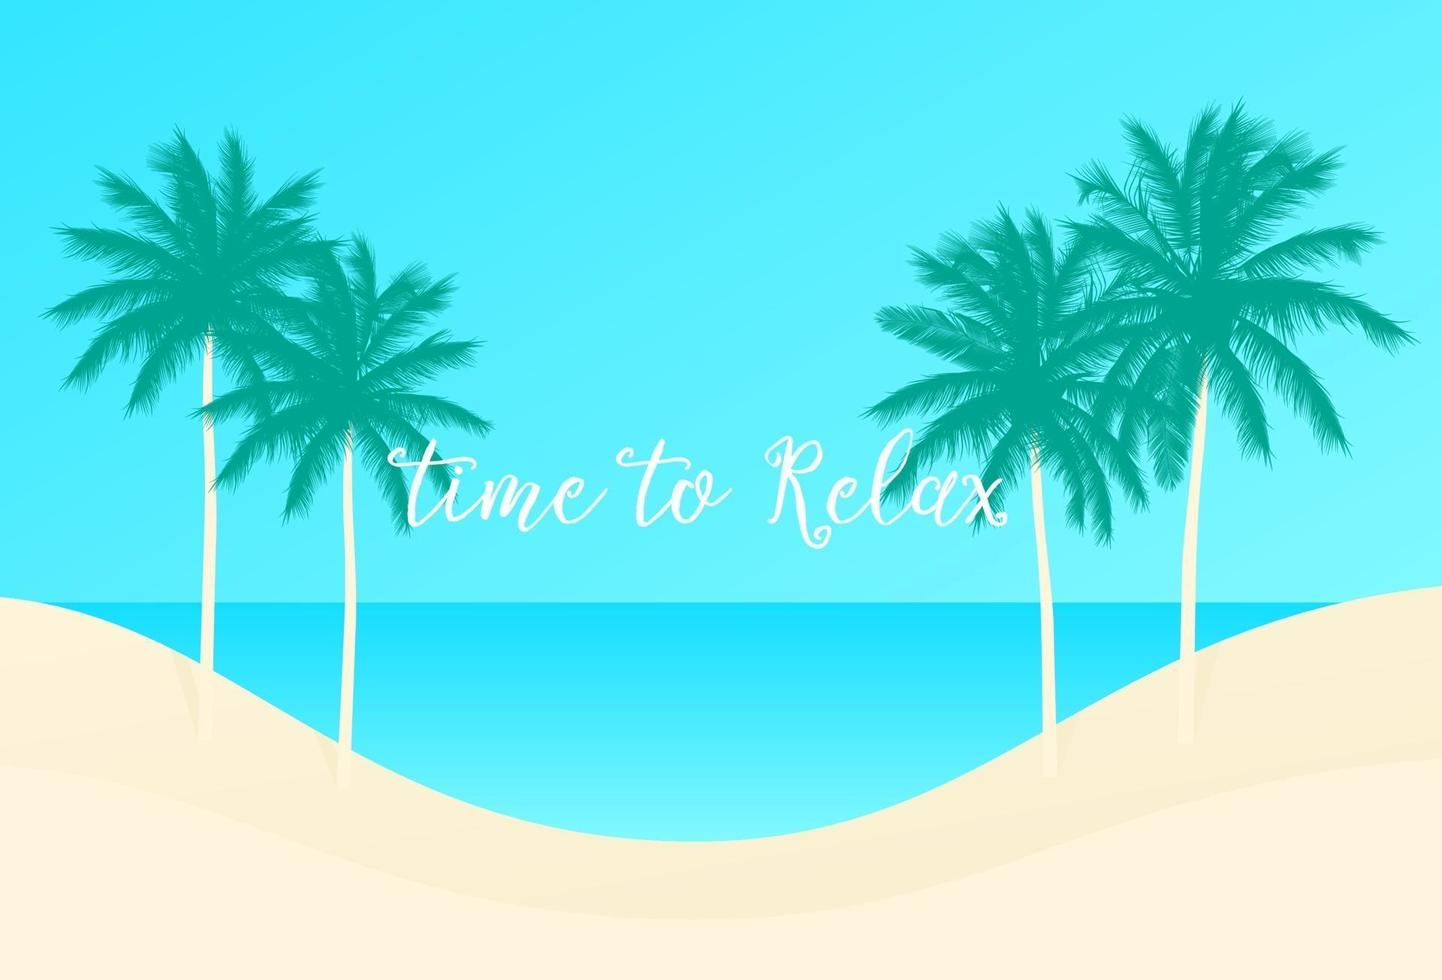 tid att koppla av, palmer och stranden, vektorscene.eps vektor